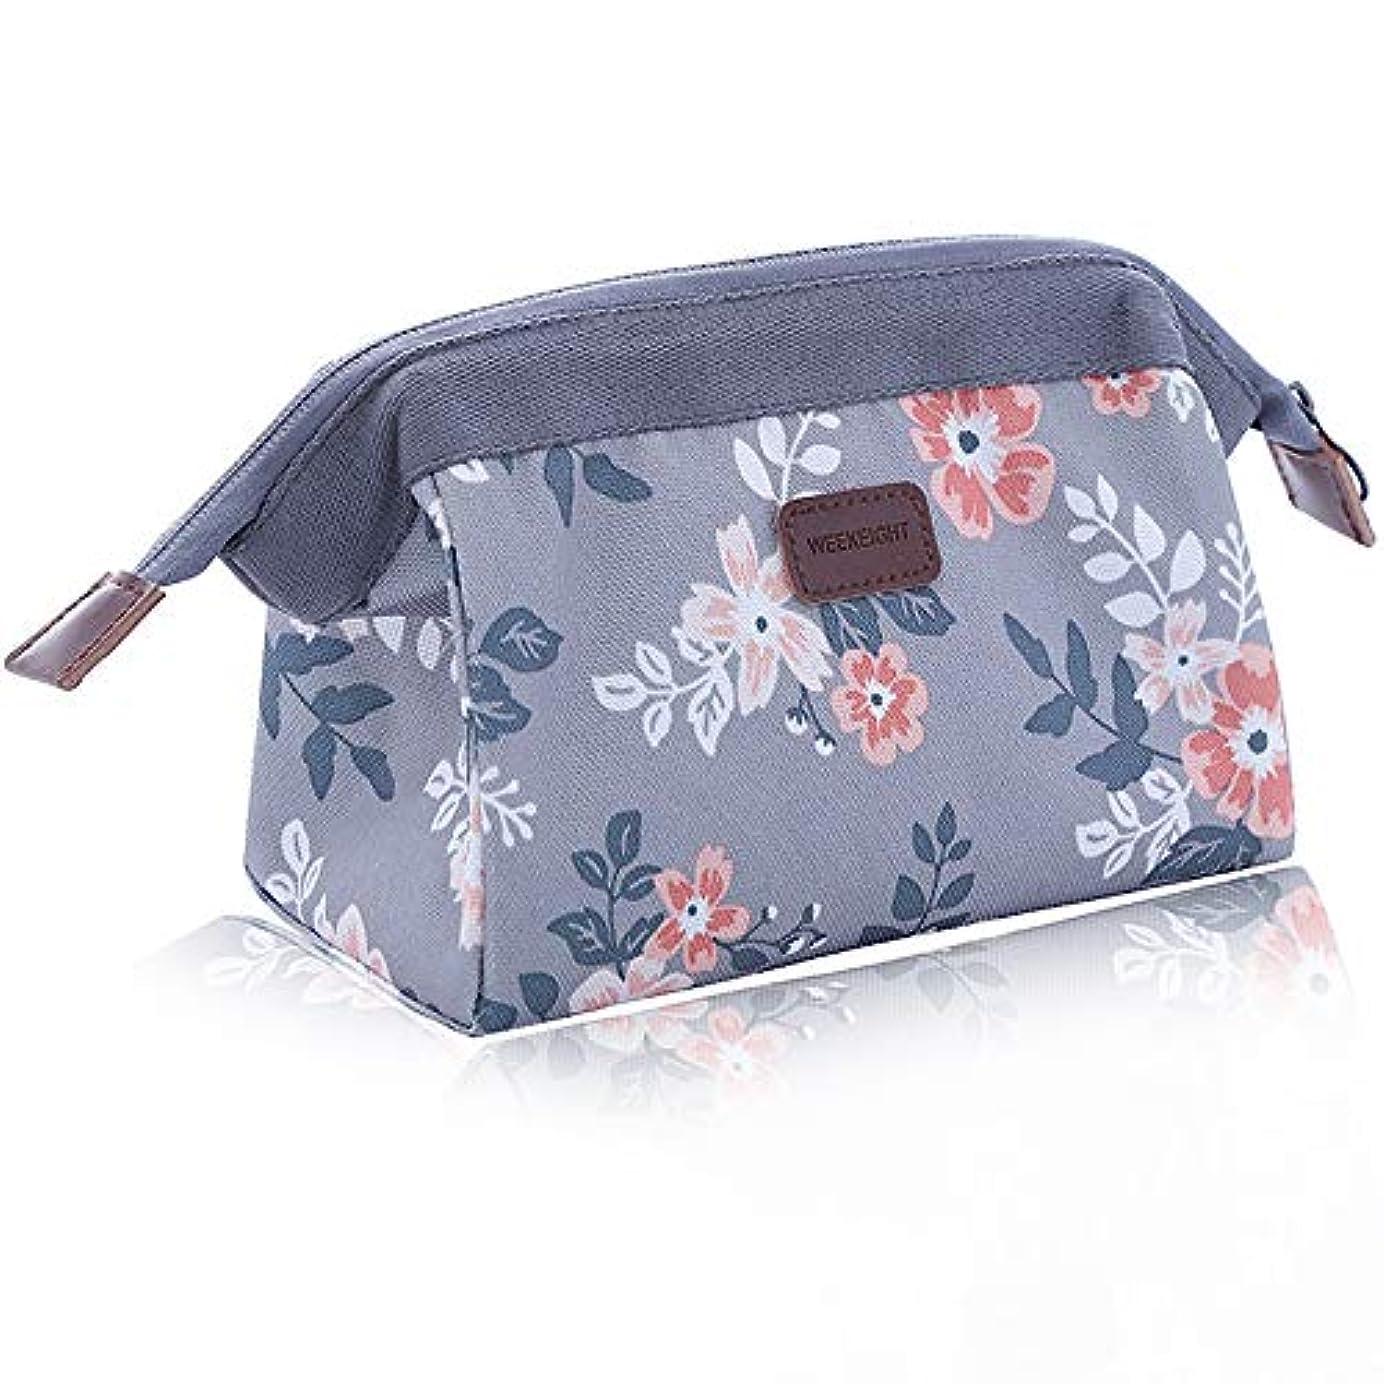 化粧ポーチ コスメバッグ  コスメポーチ メイクポーチ 機能的 大容量 化粧品収納 小物入れ 普段使い 出張 旅行 メイクバッグ 化粧バッグ(グレー)